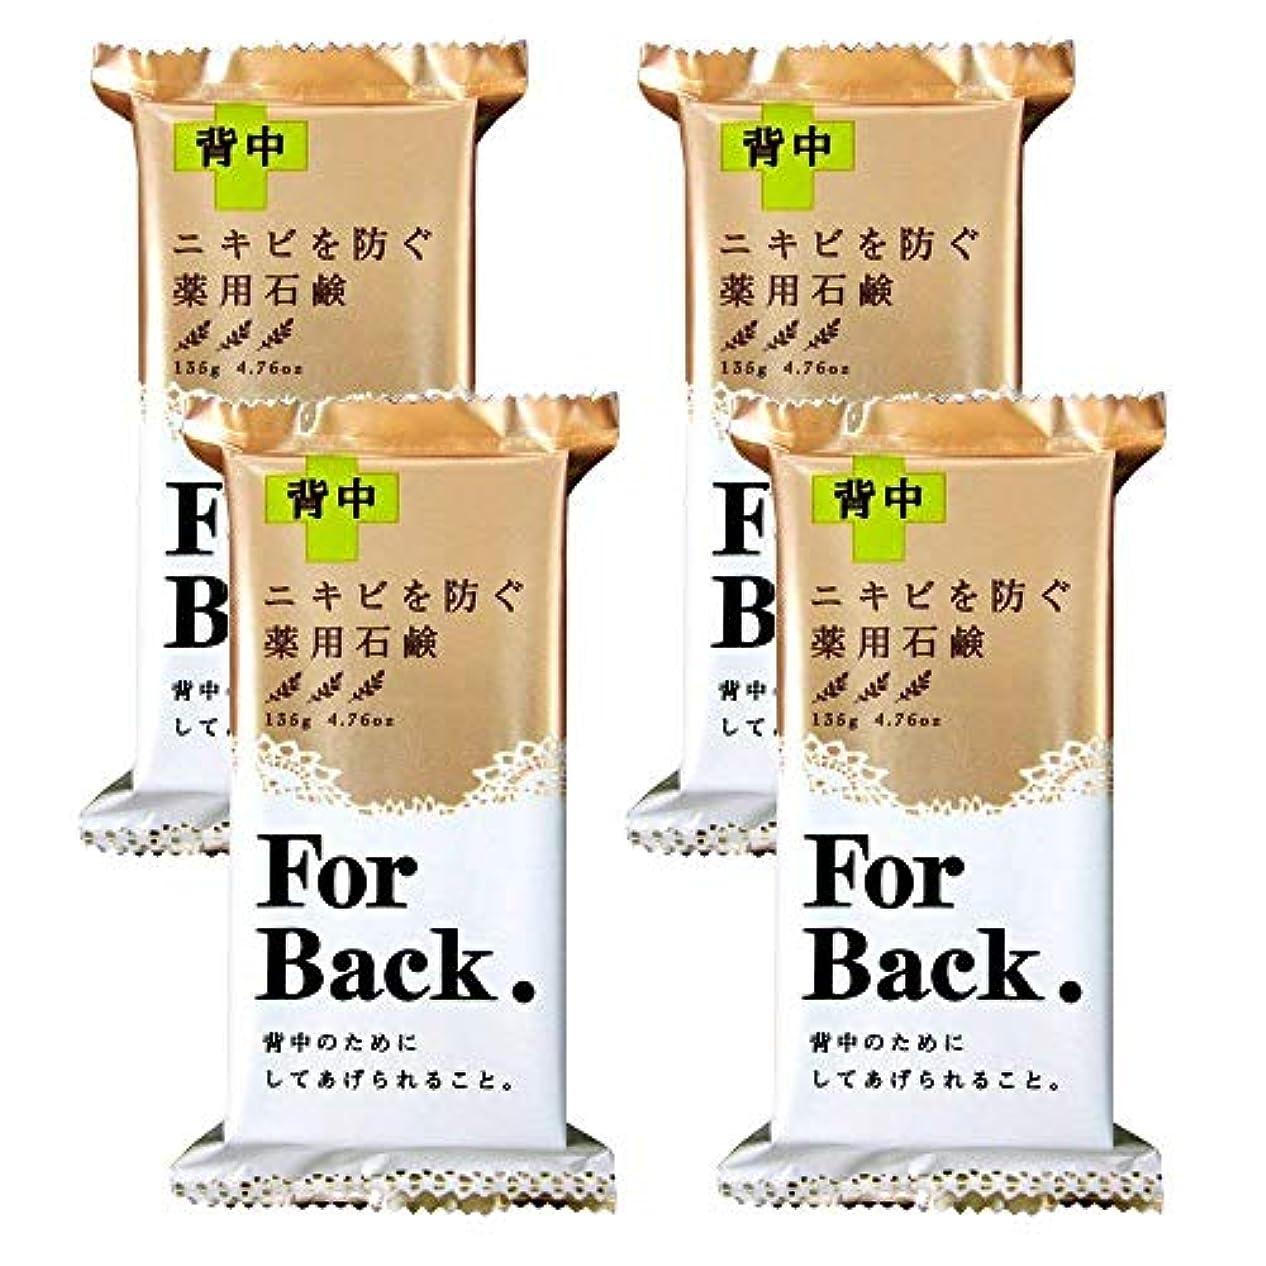 解読する腰ミスペンド薬用石鹸 ForBack 135g×4個セット